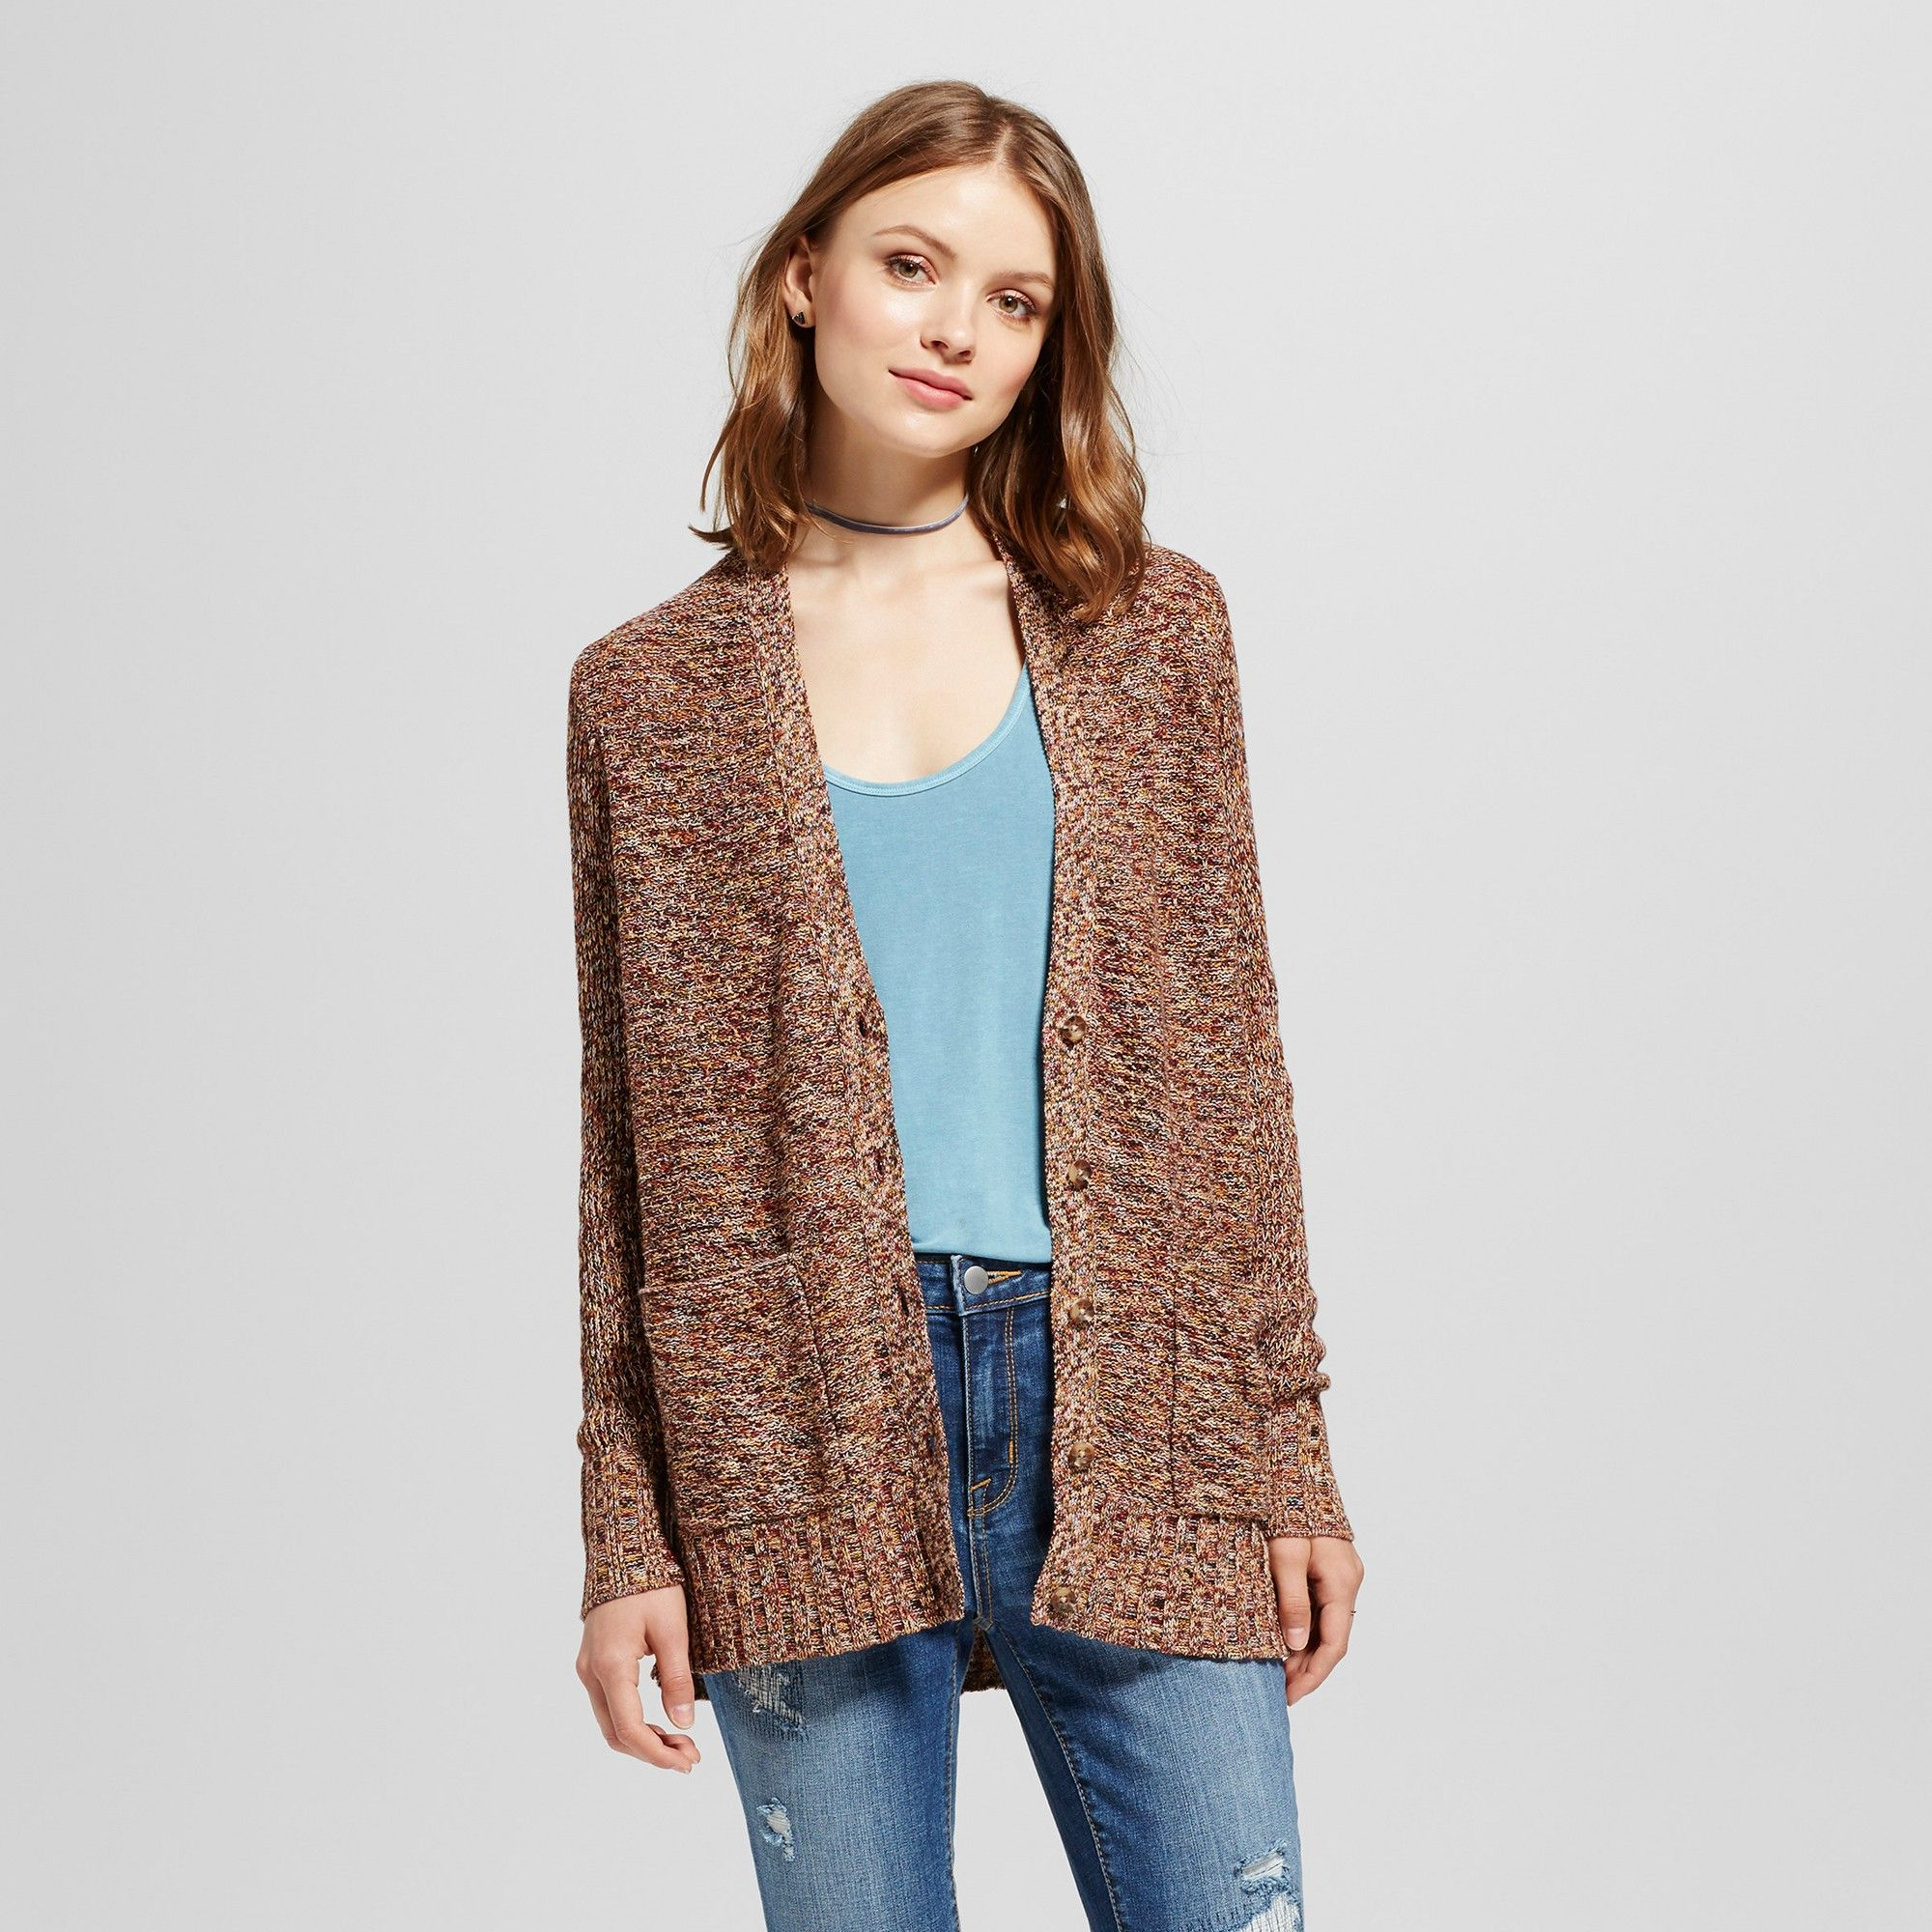 Women's Boyfriend Sweater